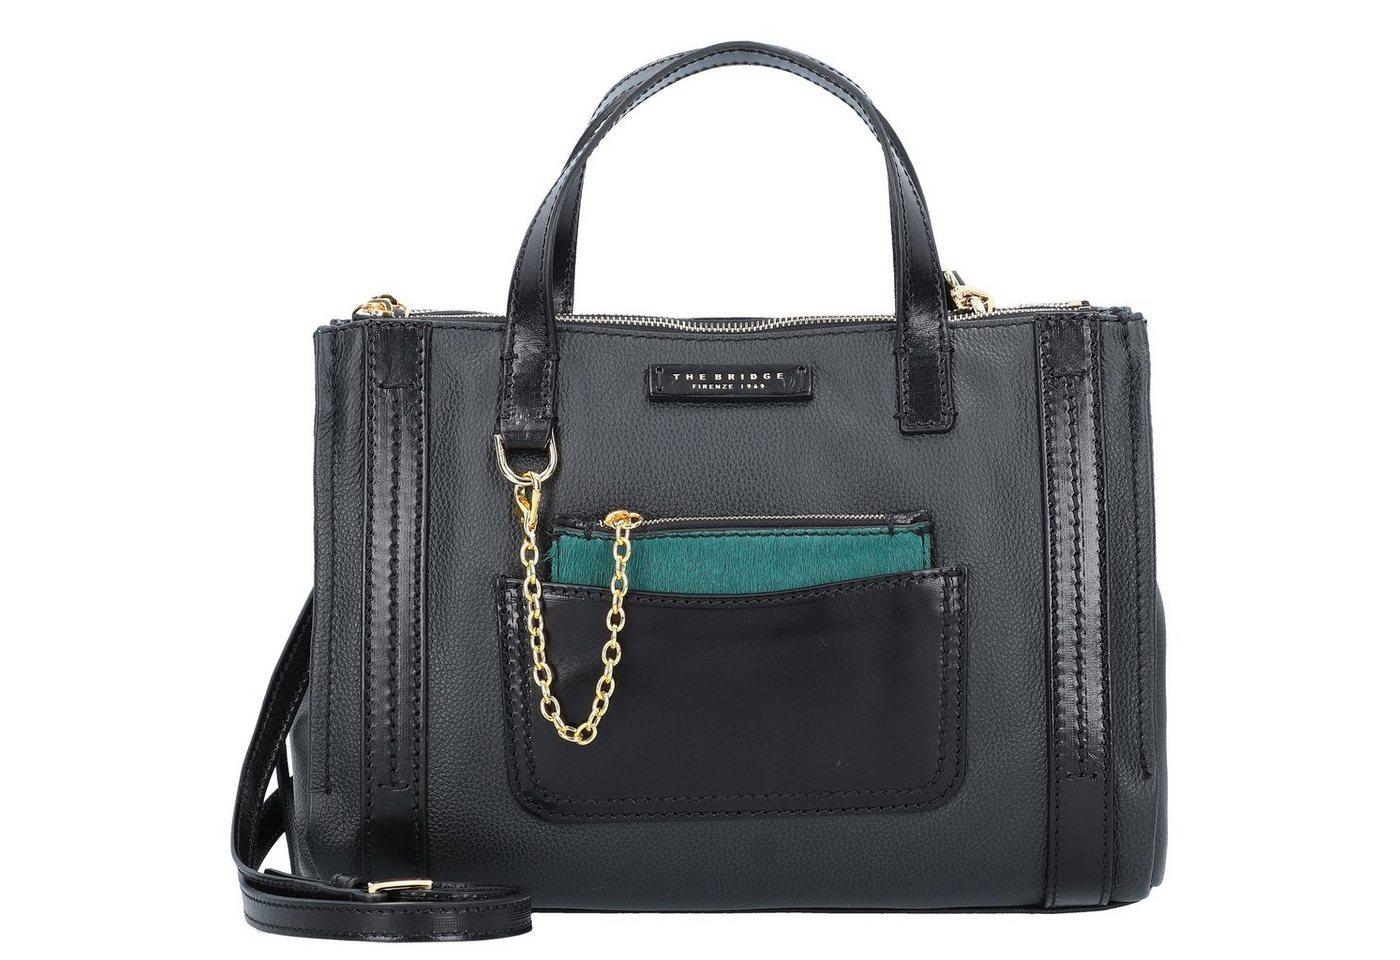 Damen THE BRIDGE  Saturnia Handtasche Leder 33 cm schwarz | 08033748436154